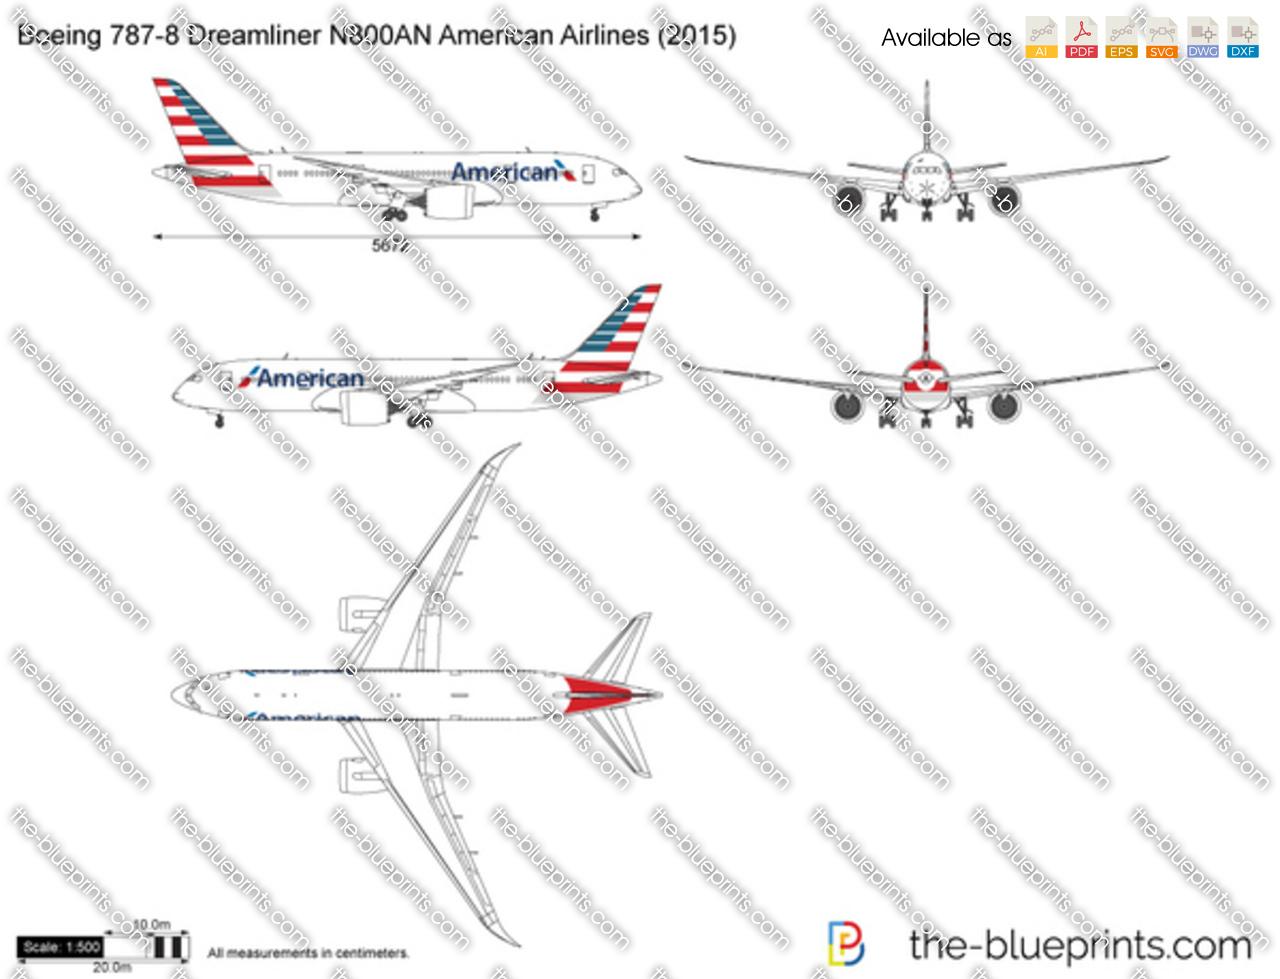 Boeing 787-8 Dreamliner N800AN American Airlines 2017